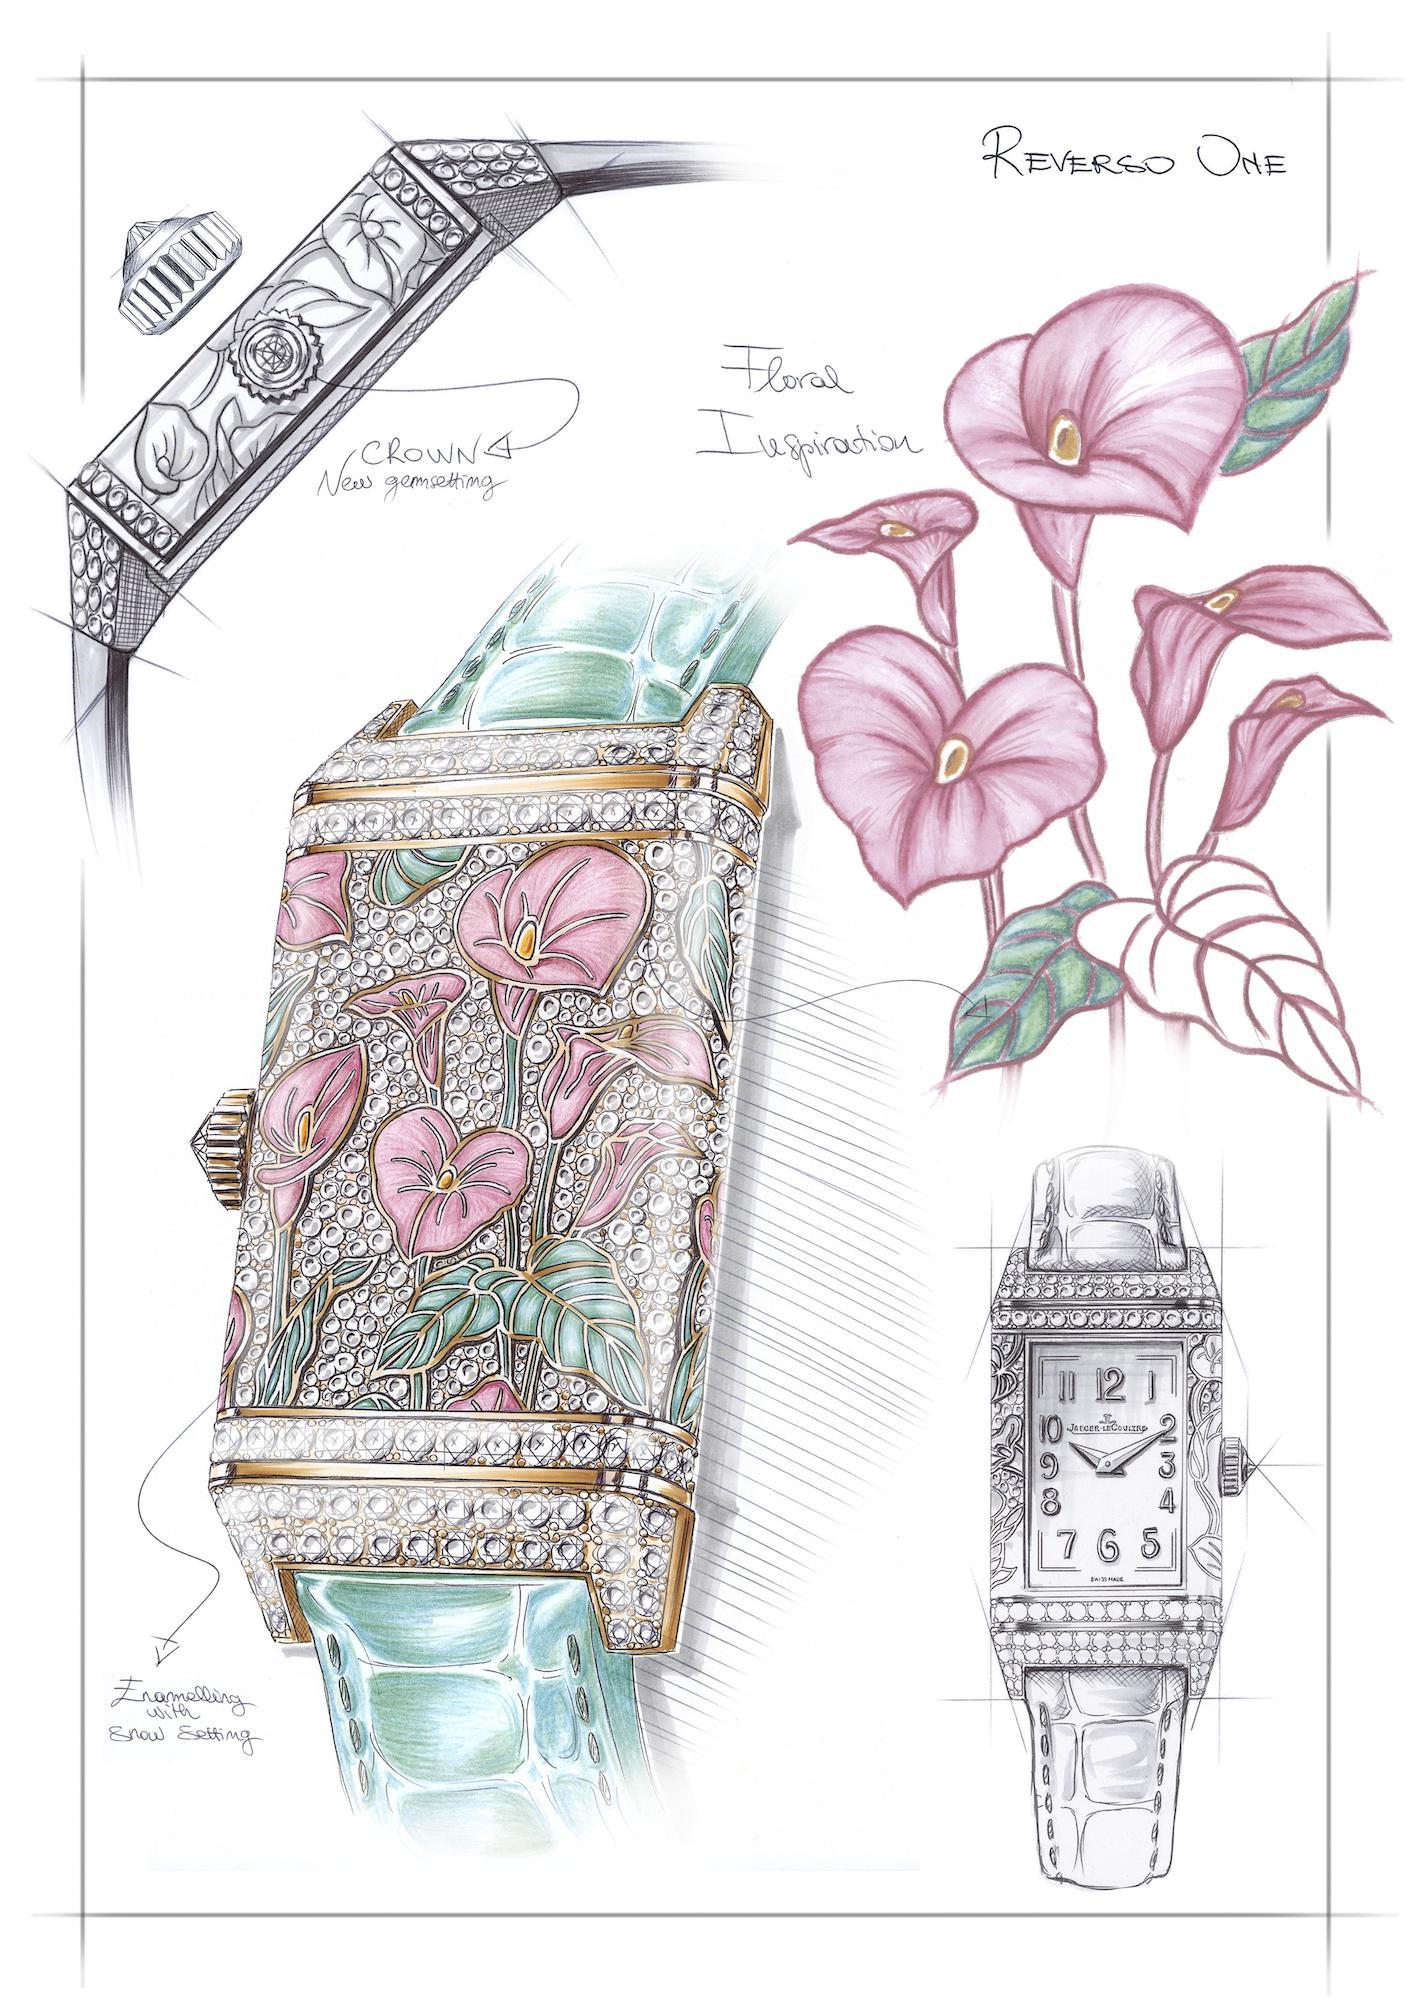 Jaeger-LeCoultre Reverso One Precious Flowers q3292401 Sketch